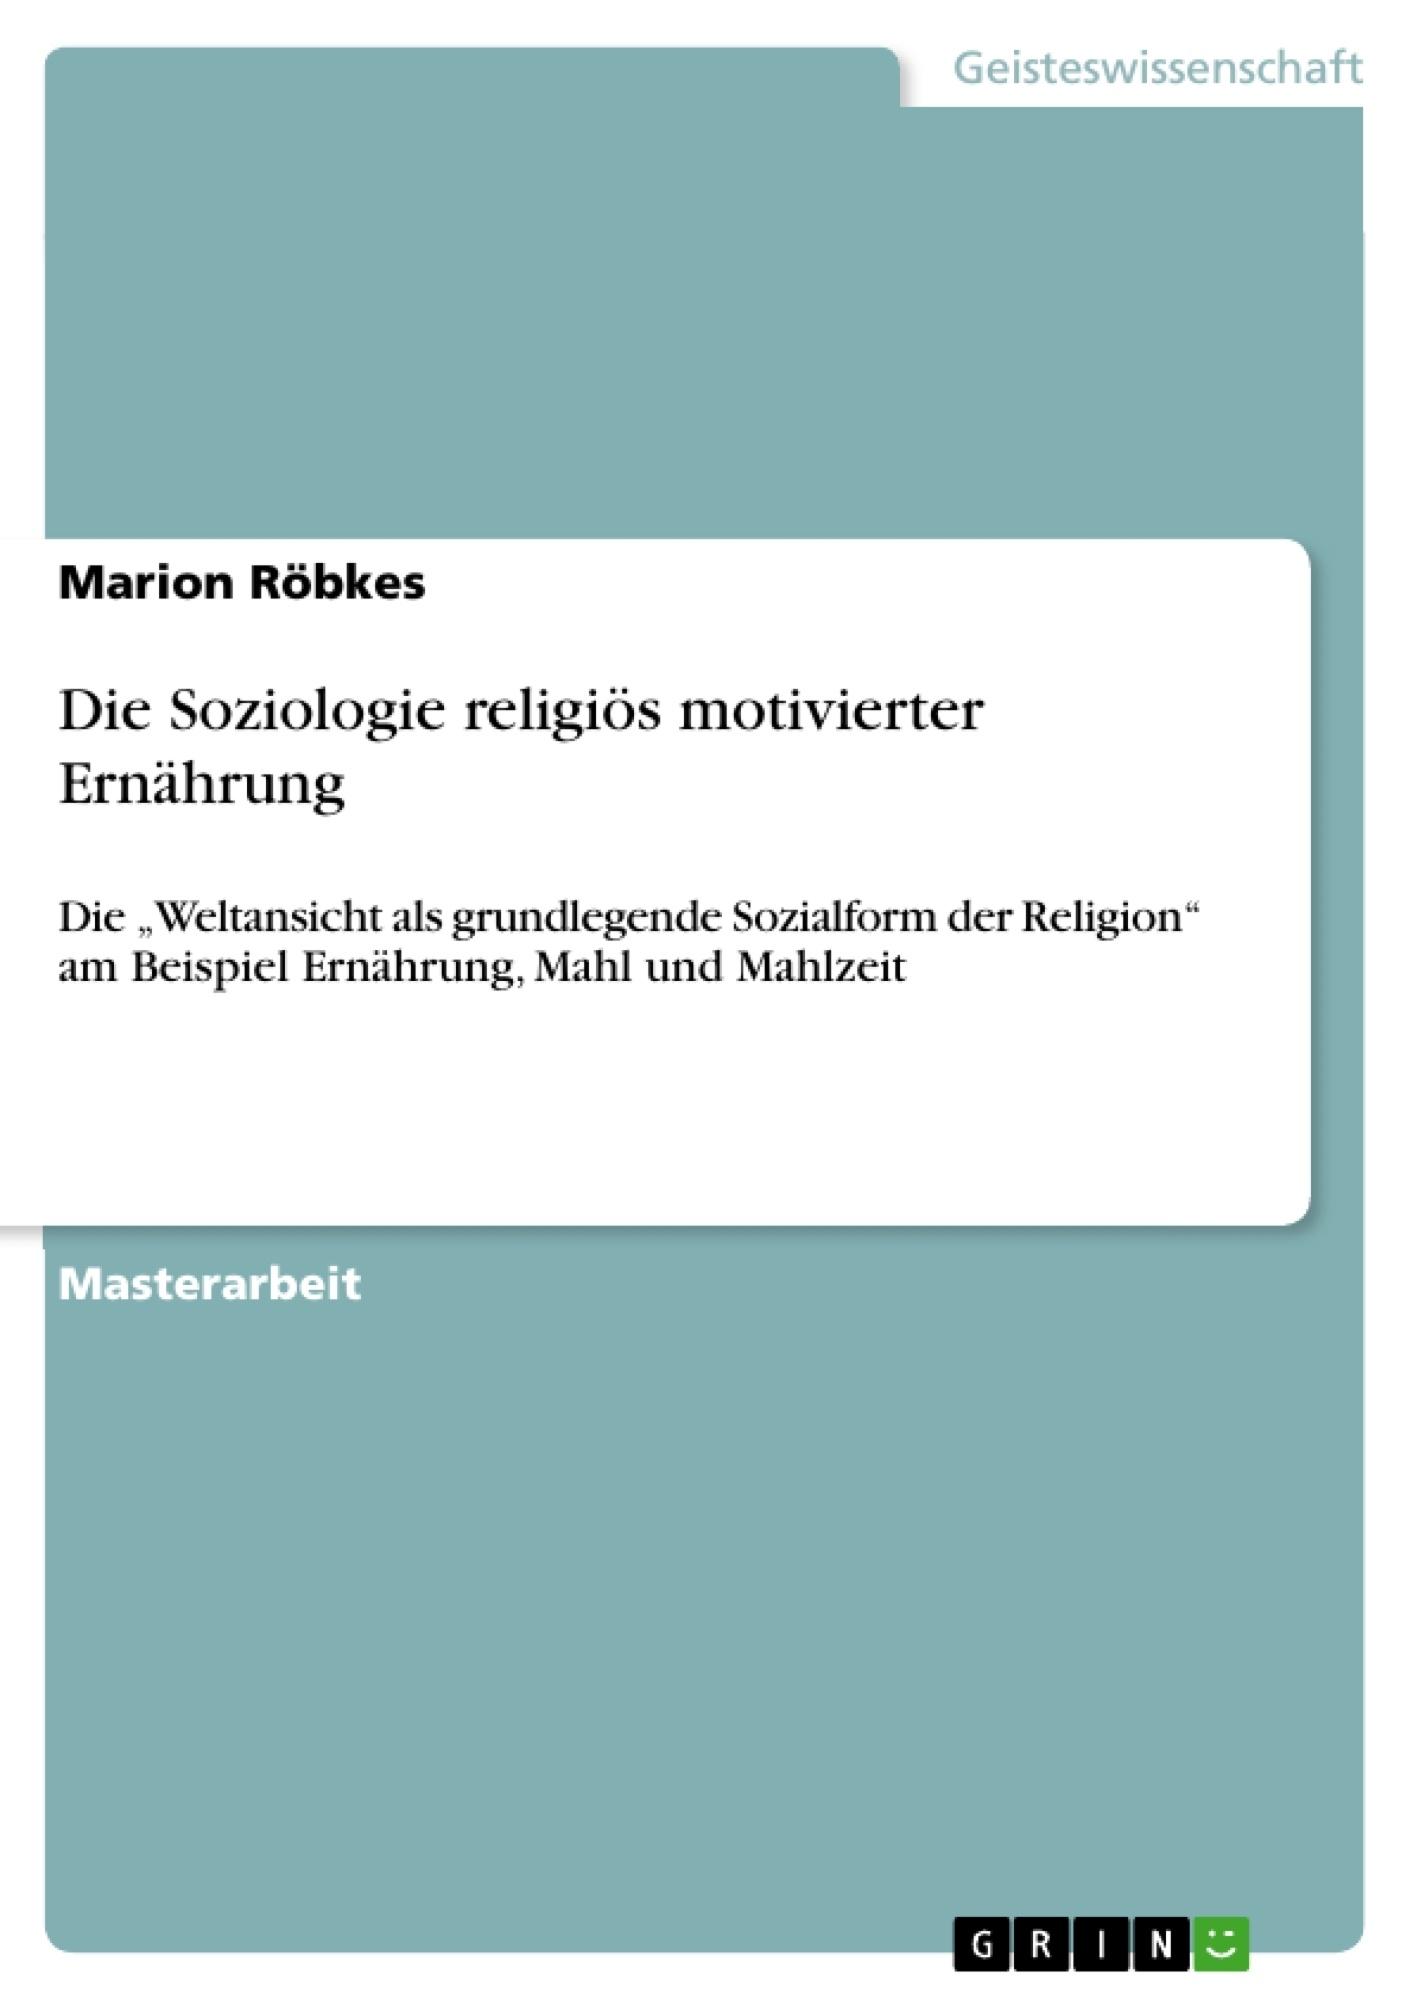 Titel: Die Soziologie religiös motivierter Ernährung